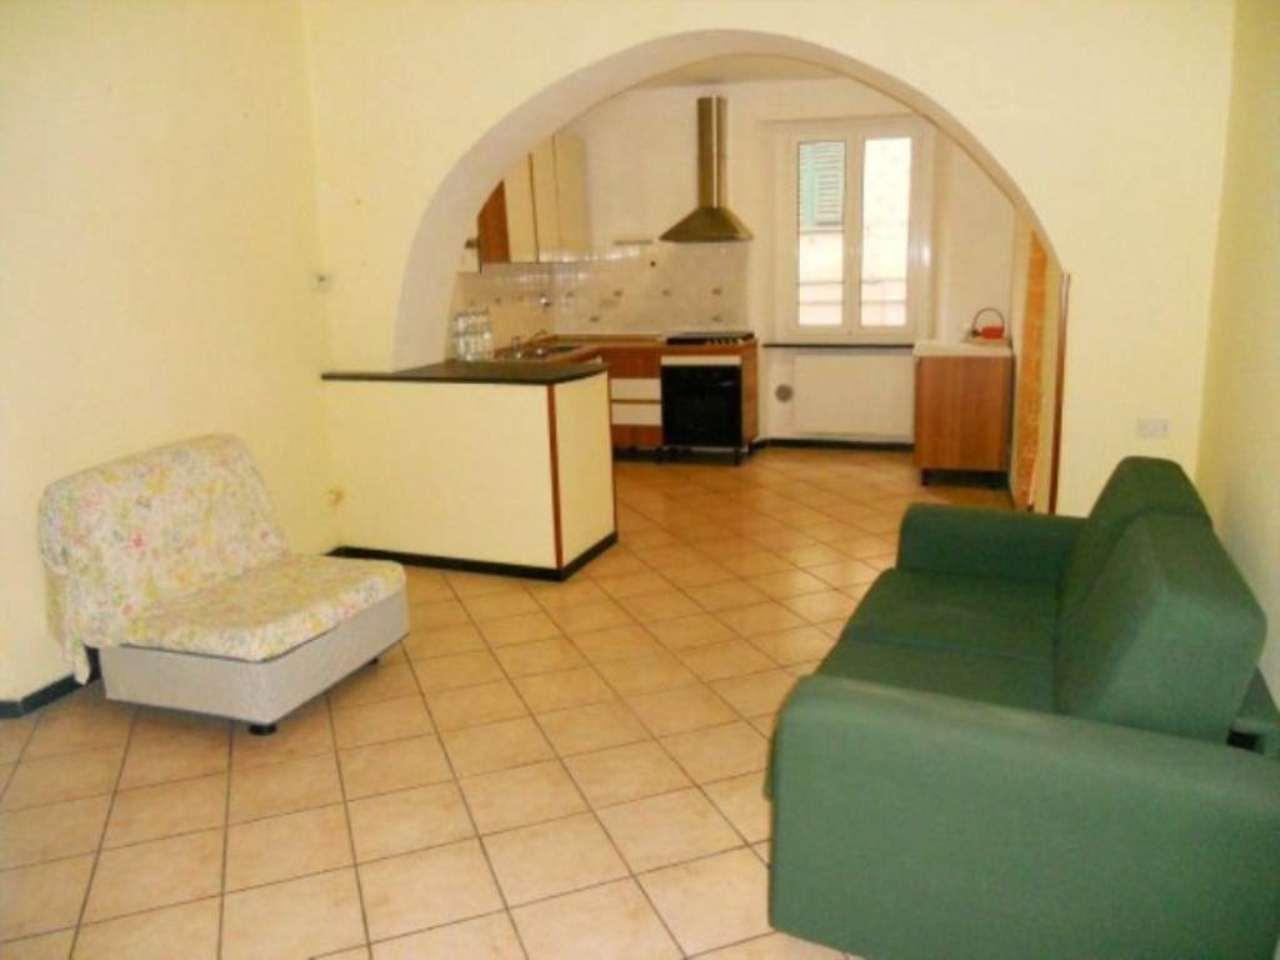 Appartamento in vendita a Cicagna, 4 locali, prezzo € 52.000 | Cambio Casa.it